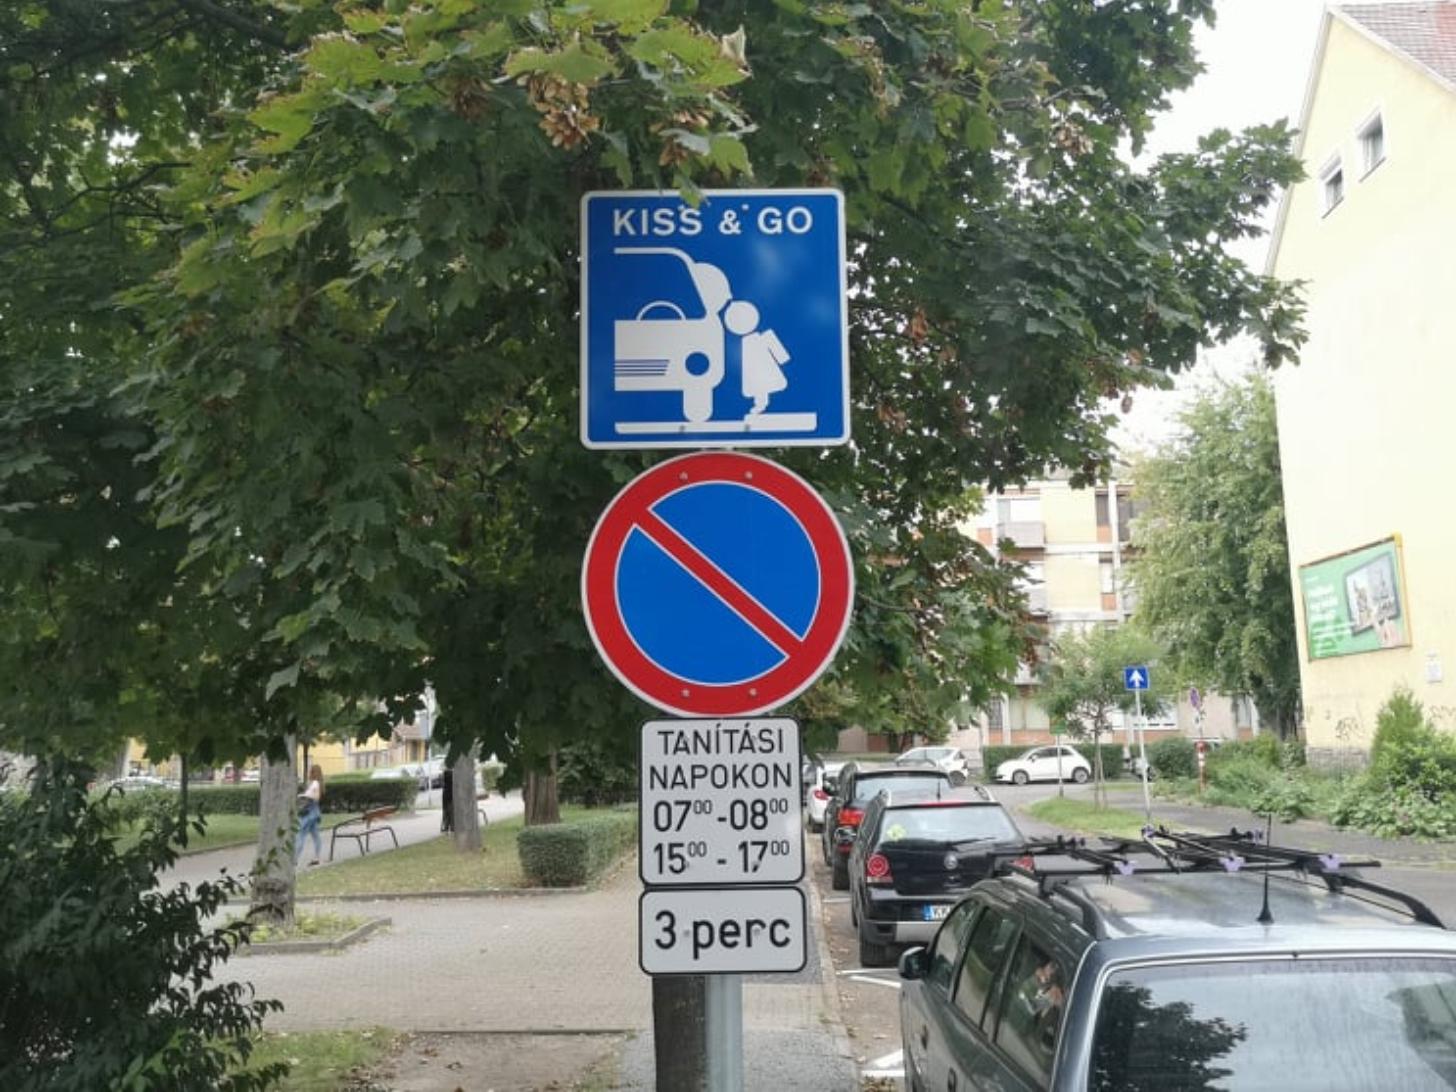 """""""Kiss & go"""" rendszerű parkolóhelyeket alakítottunkki"""